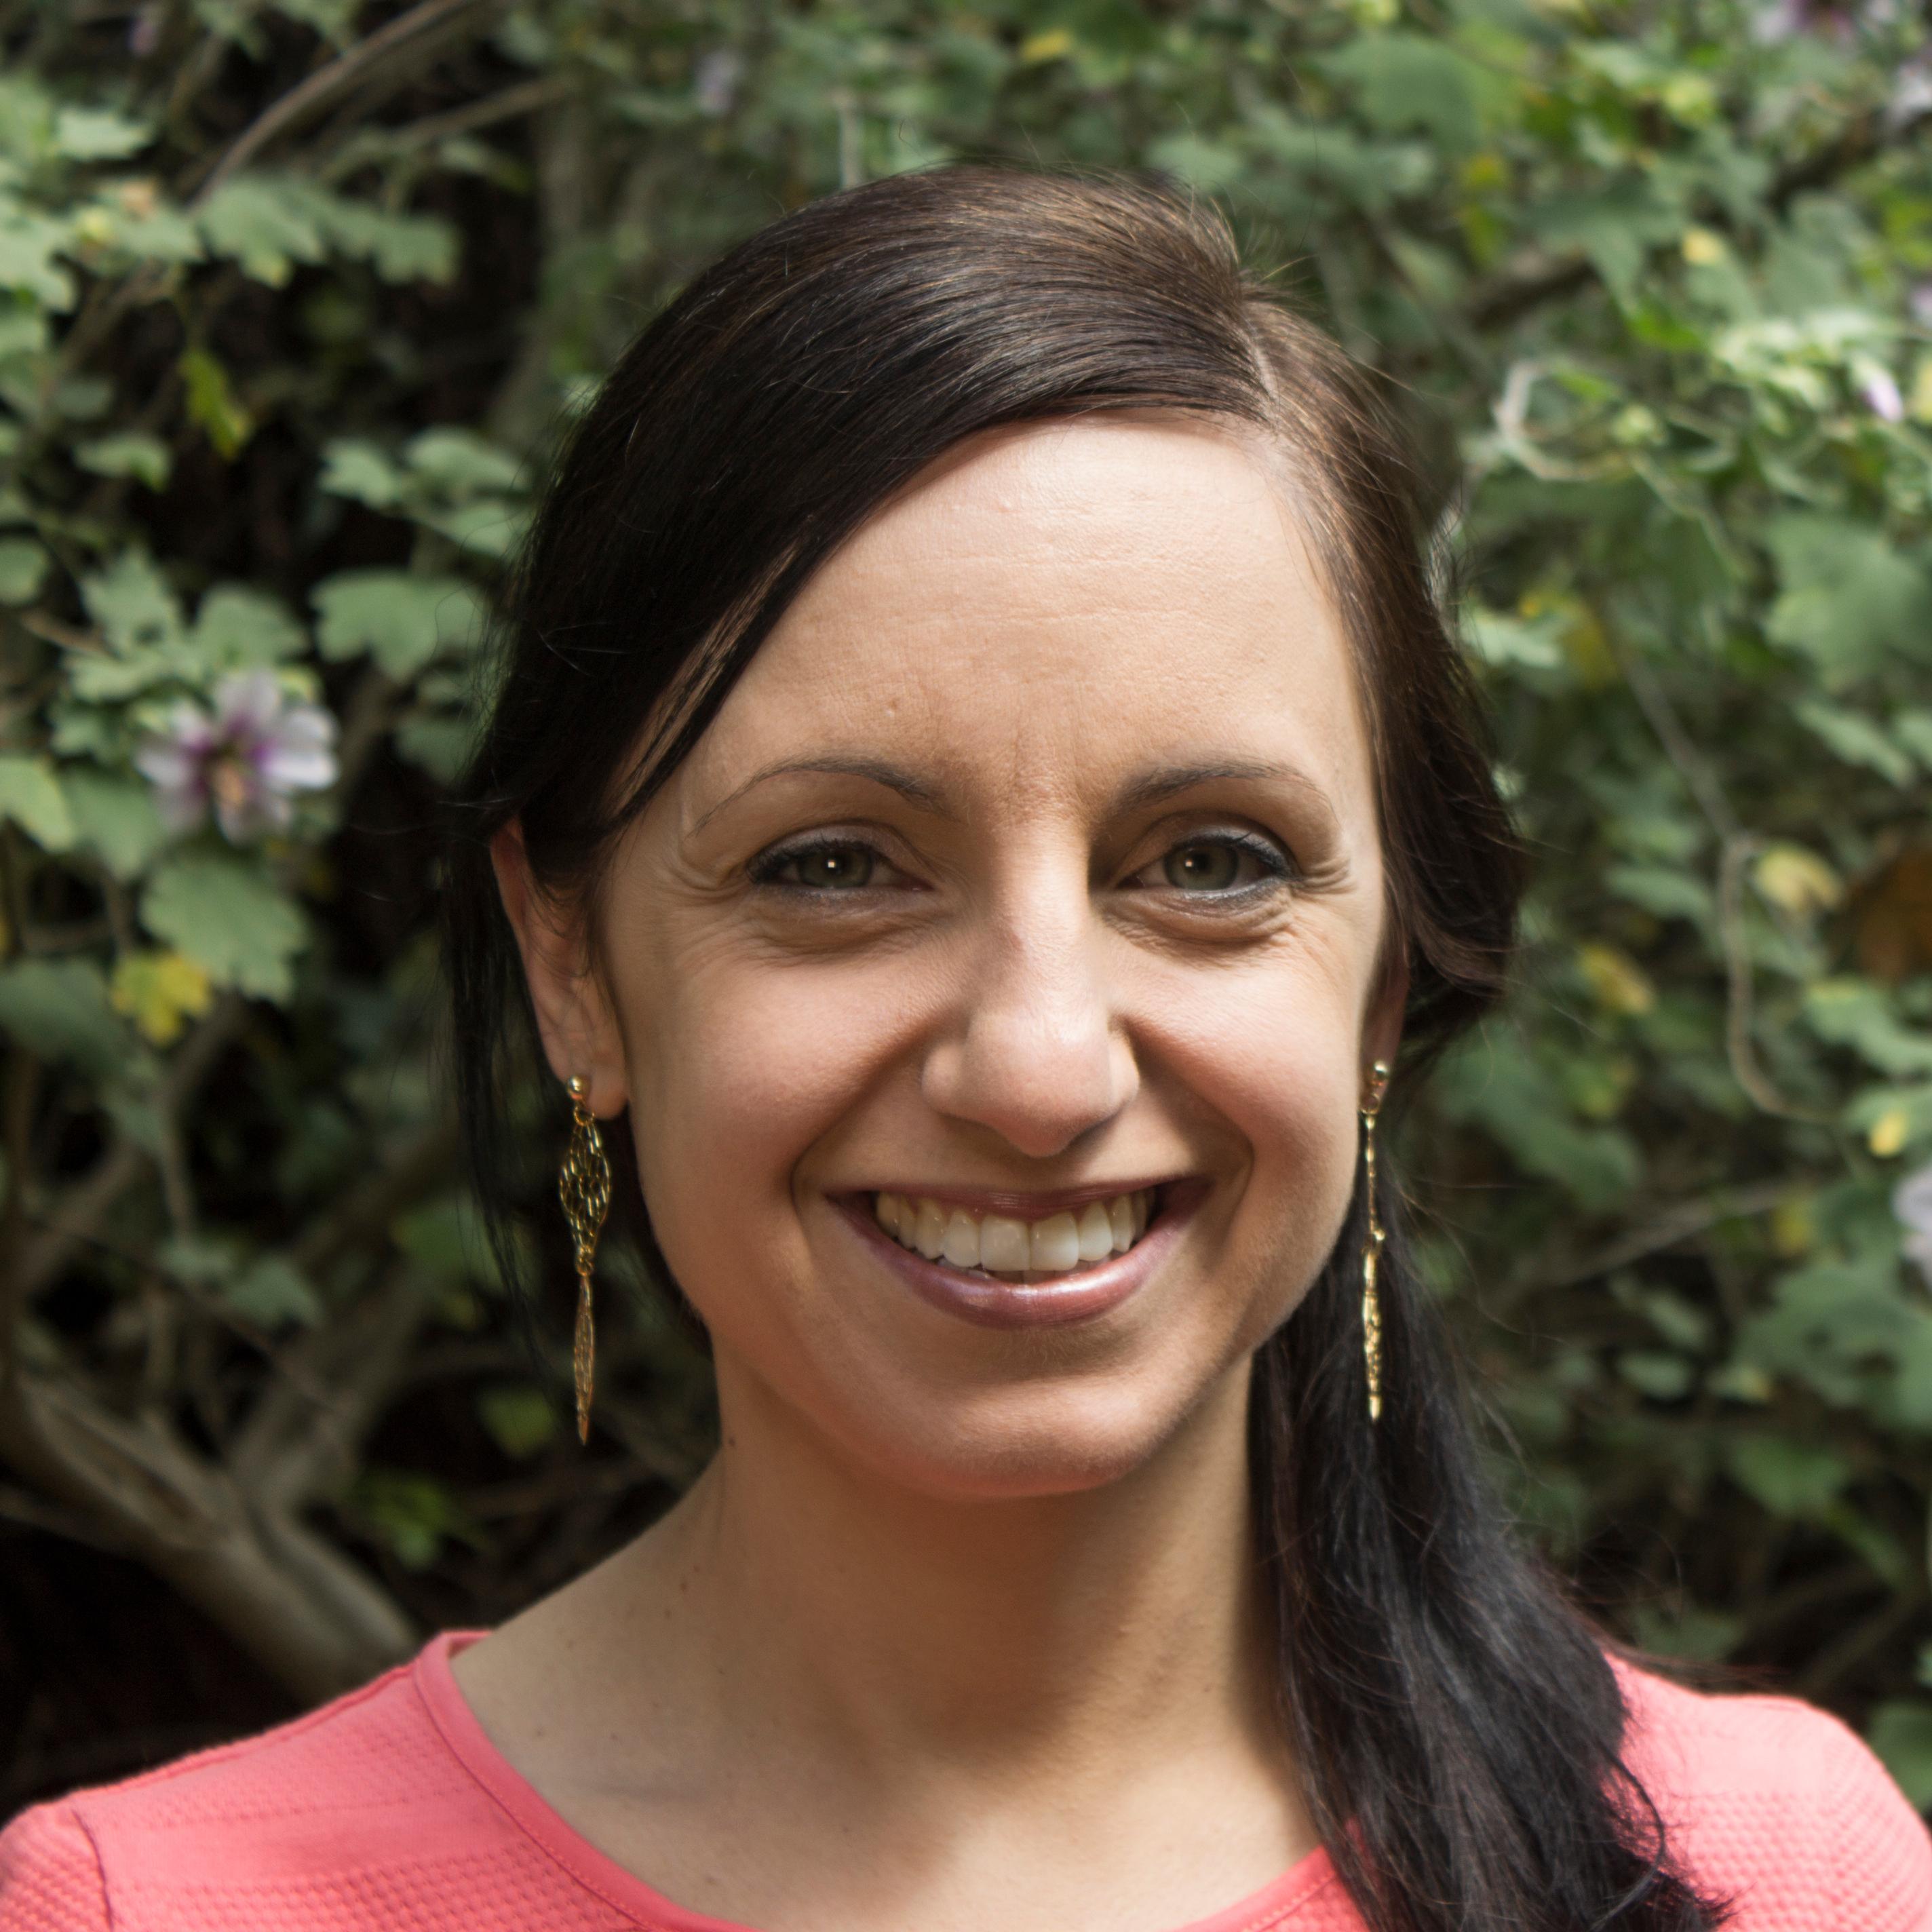 Profile Picture Josie Sinni